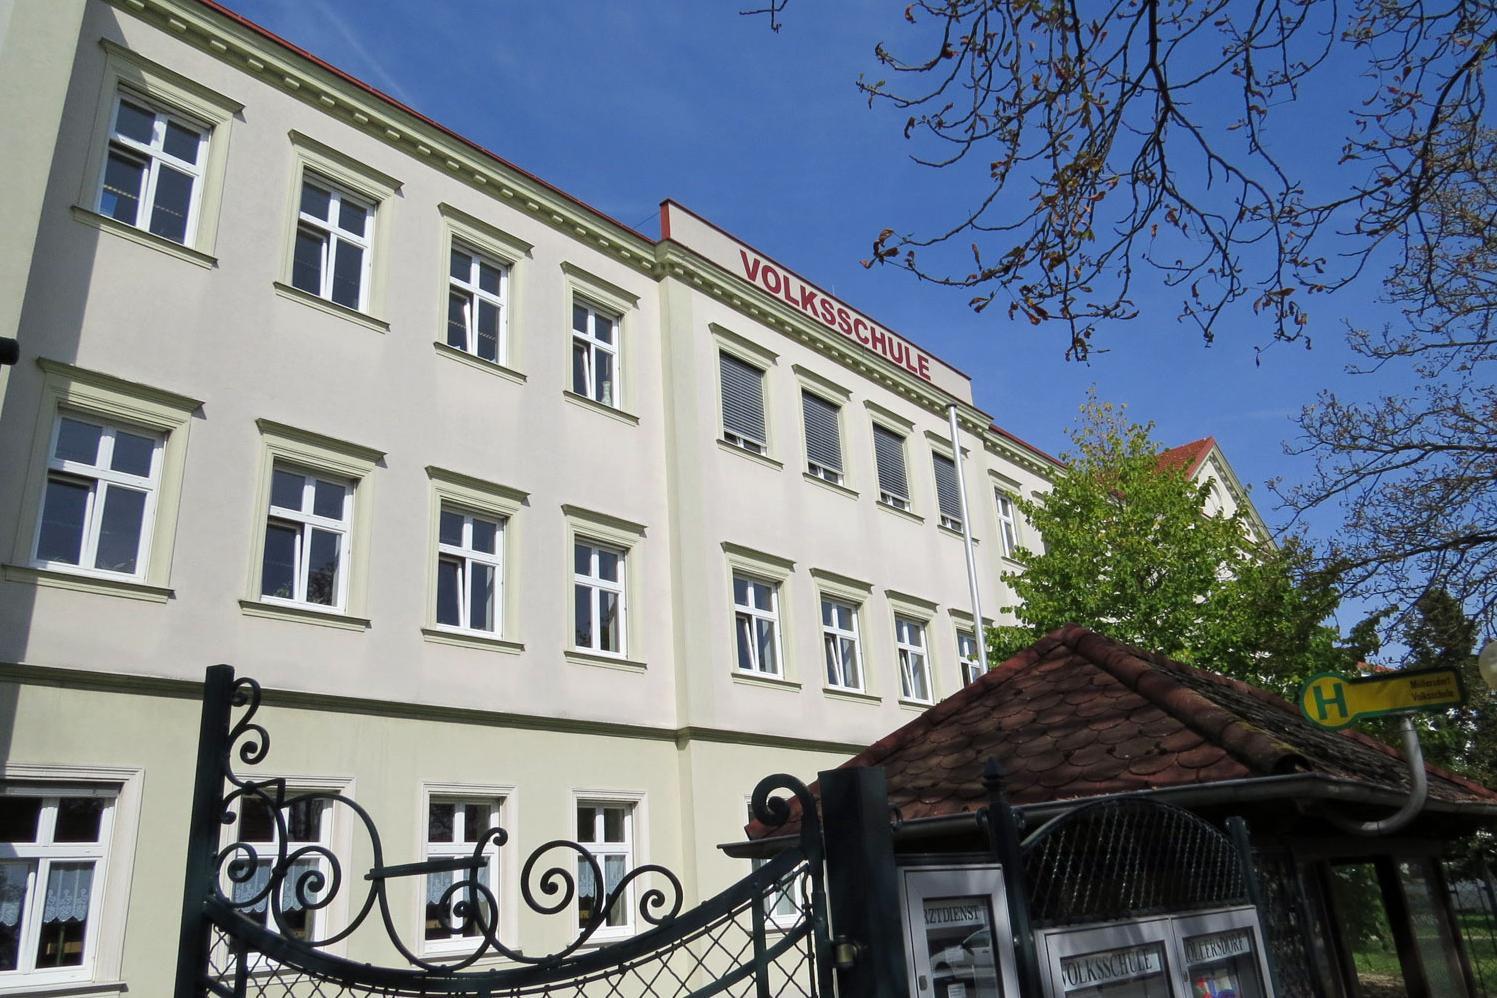 Möllersdorf